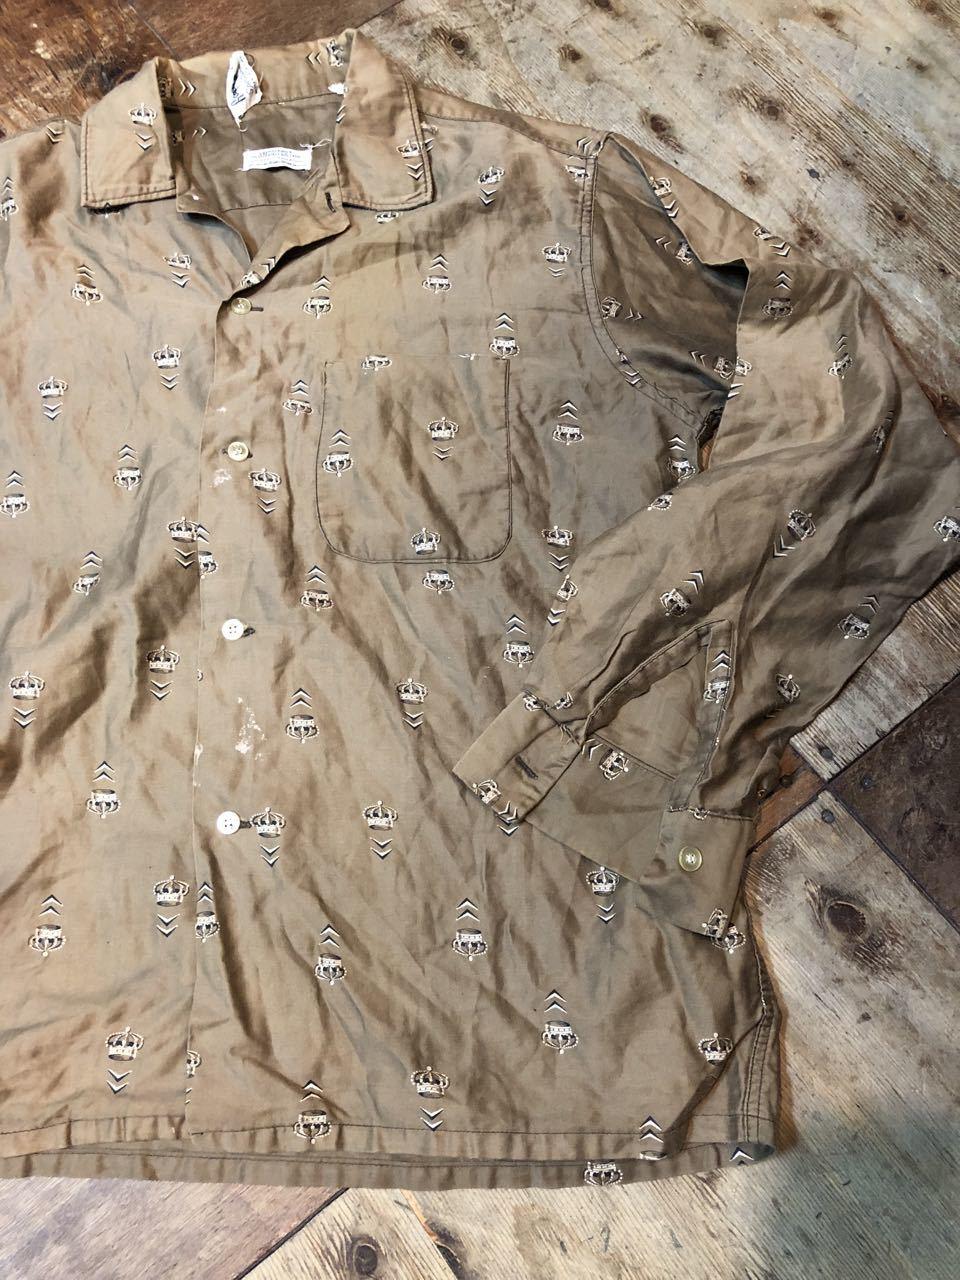 5月4日(土)入荷!60s all cotton  Roger Hale 王冠柄 オープンカラー ボックスシルエットシャツ!_c0144020_18232520.jpg